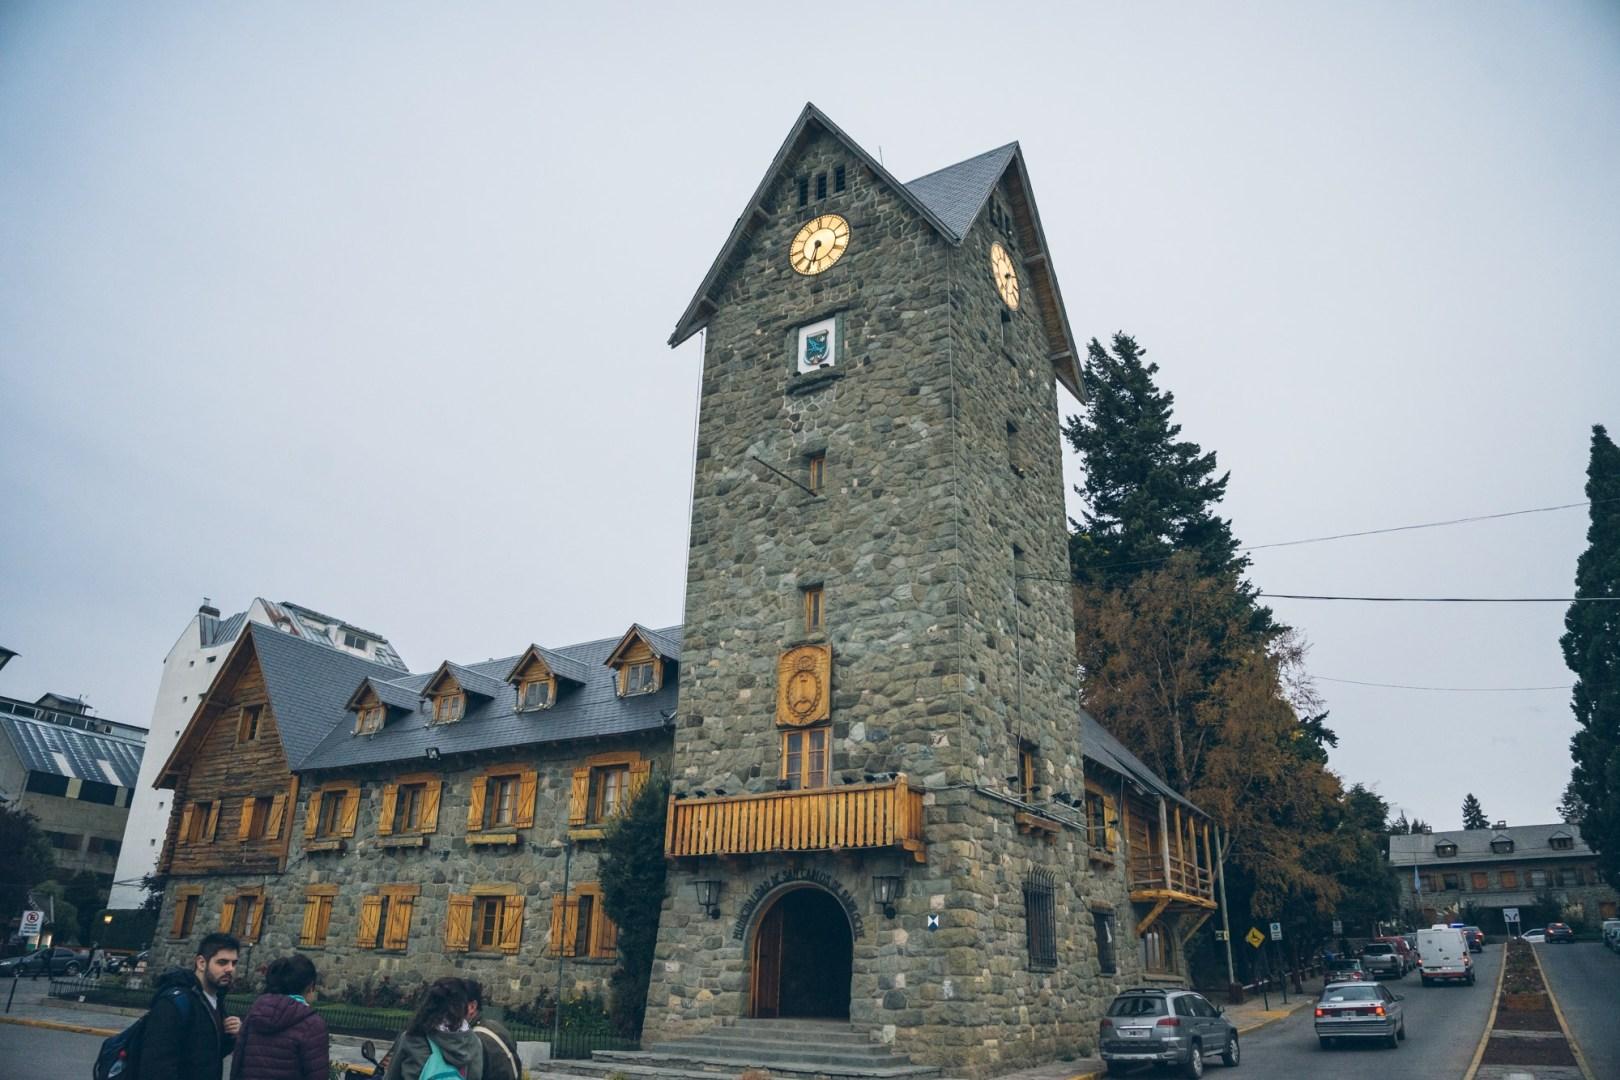 San Carlos de Bariloche - Centro Cívico Bariloche